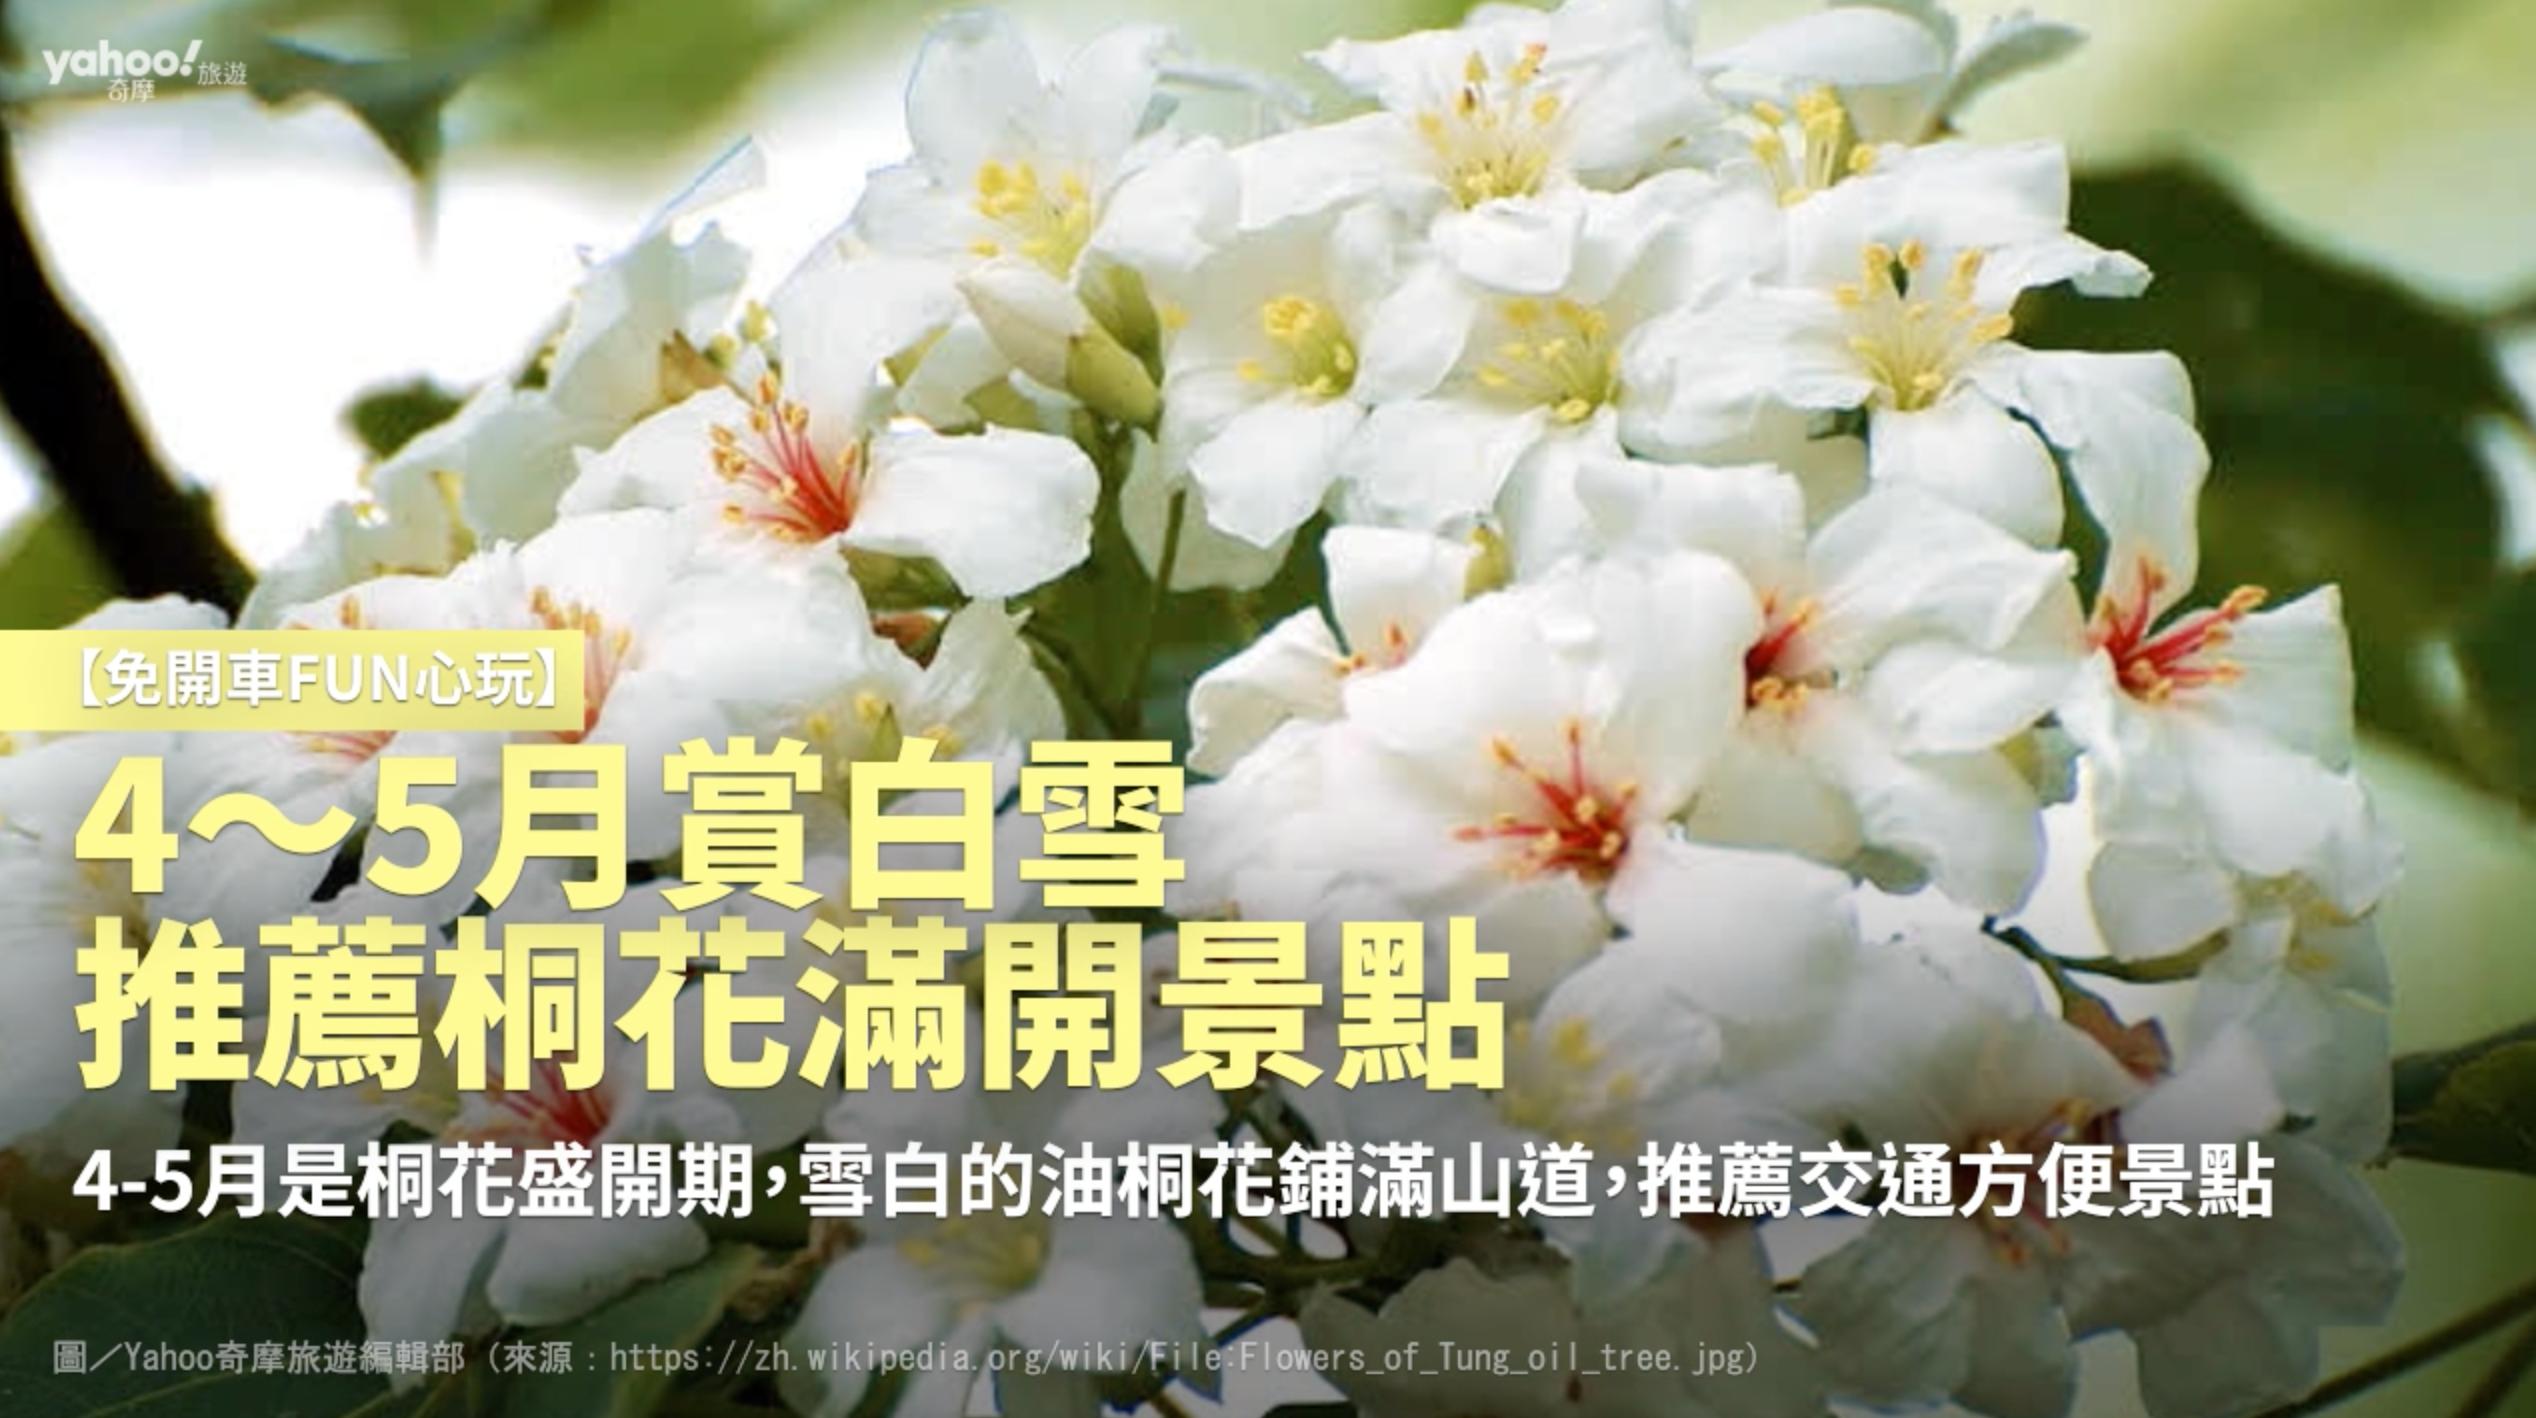 【免開車fun心玩】4~5月賞白雪 推薦桐花滿開景點